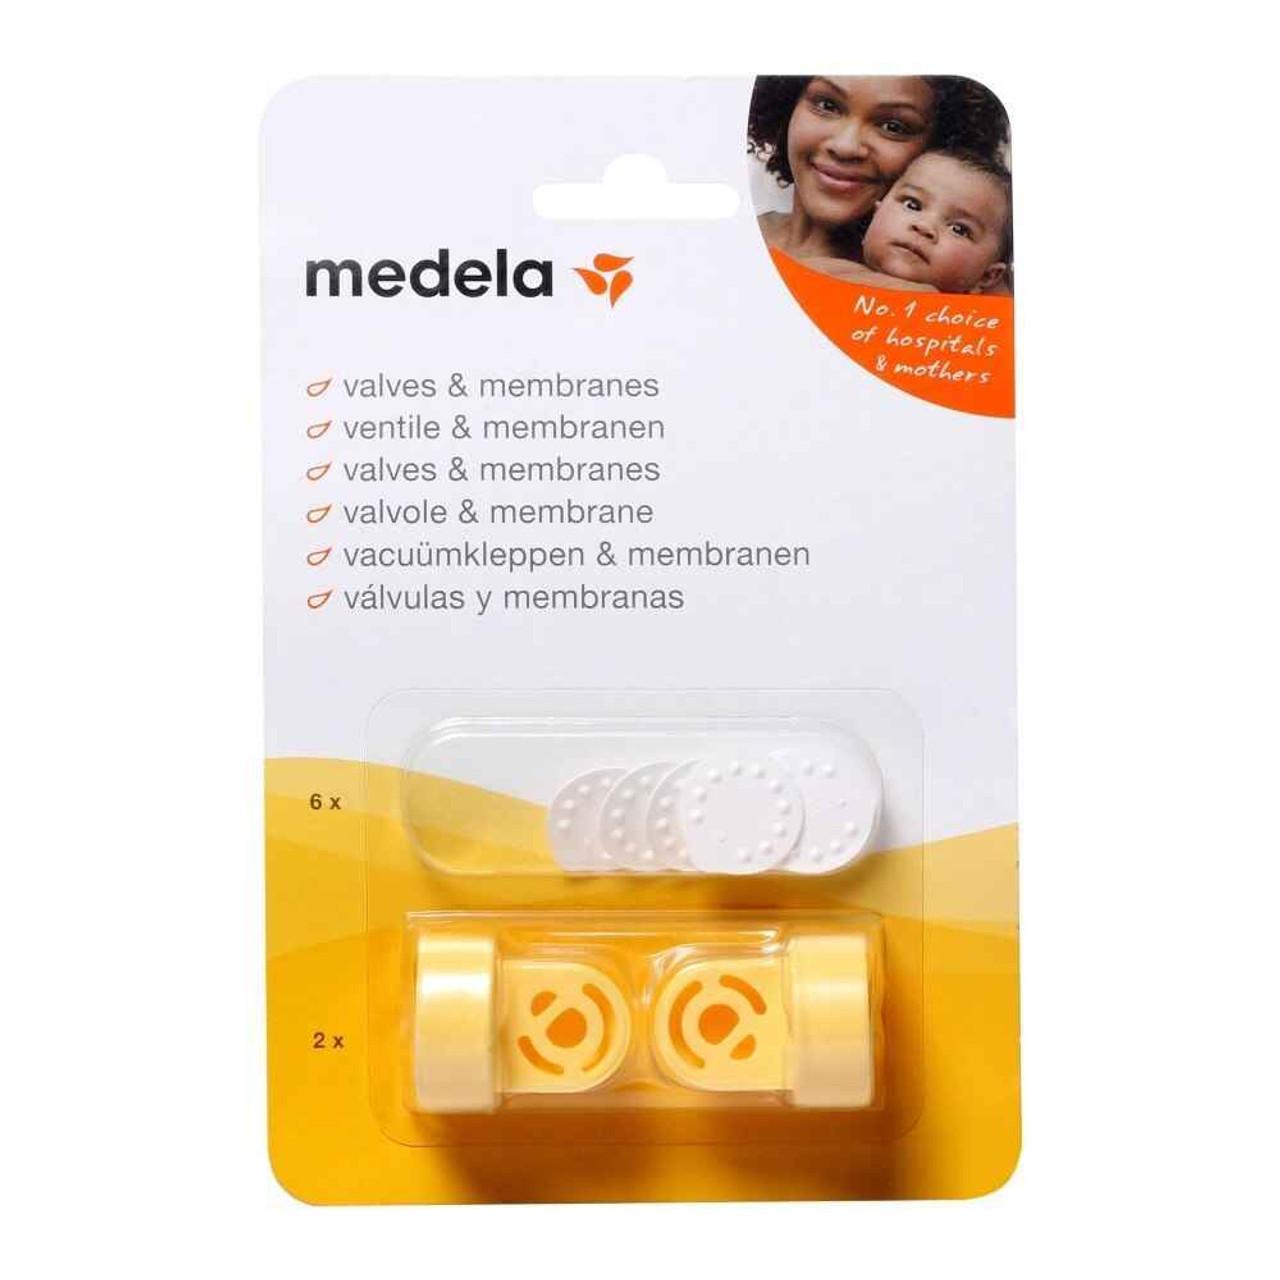 Medela Medela Valves and Membranes Spare Parts